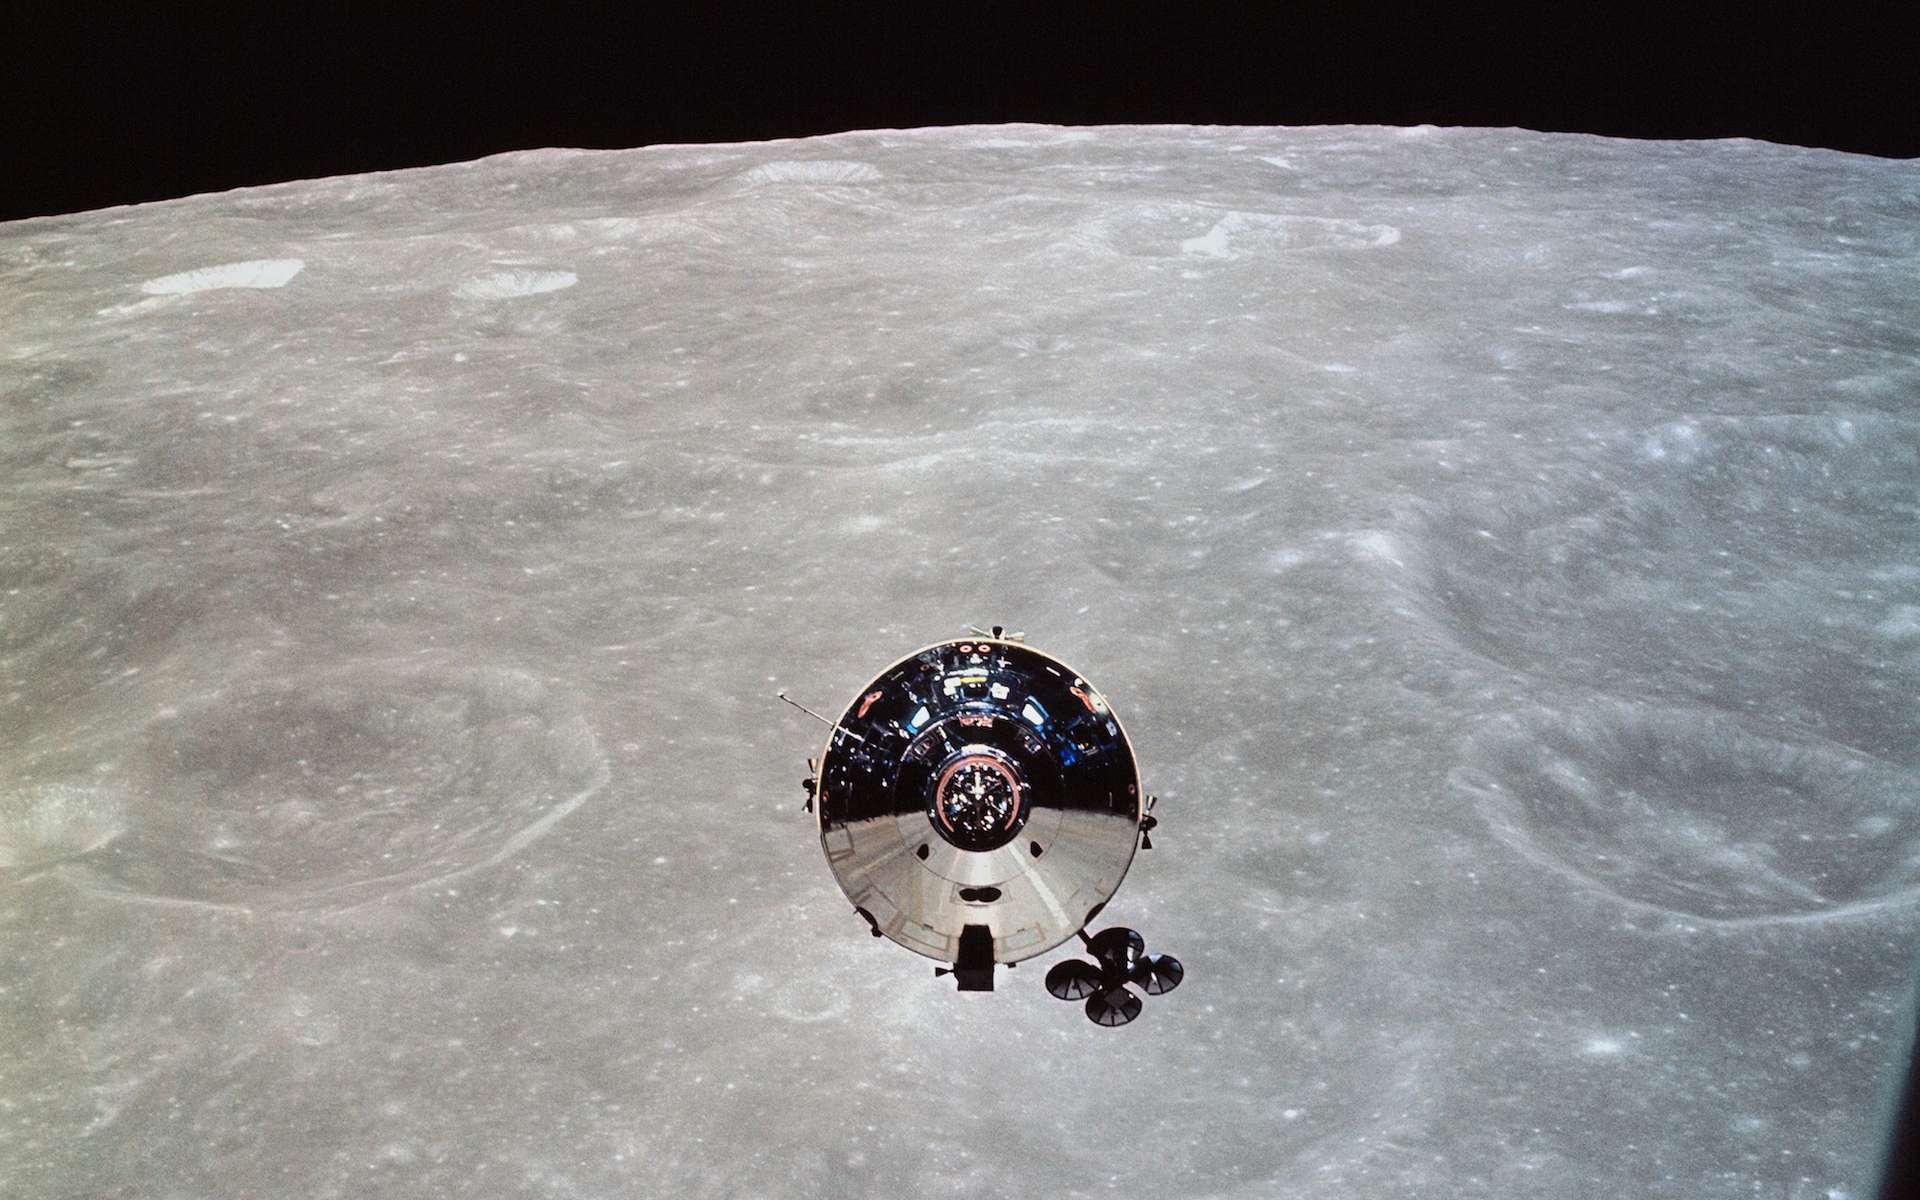 Le module de commande « Charlie Brown » de la mission Apollo 10 photographié depuis le module lunaire « Snoopy » après leur séparation, le 22 mai 1969. © Nasa